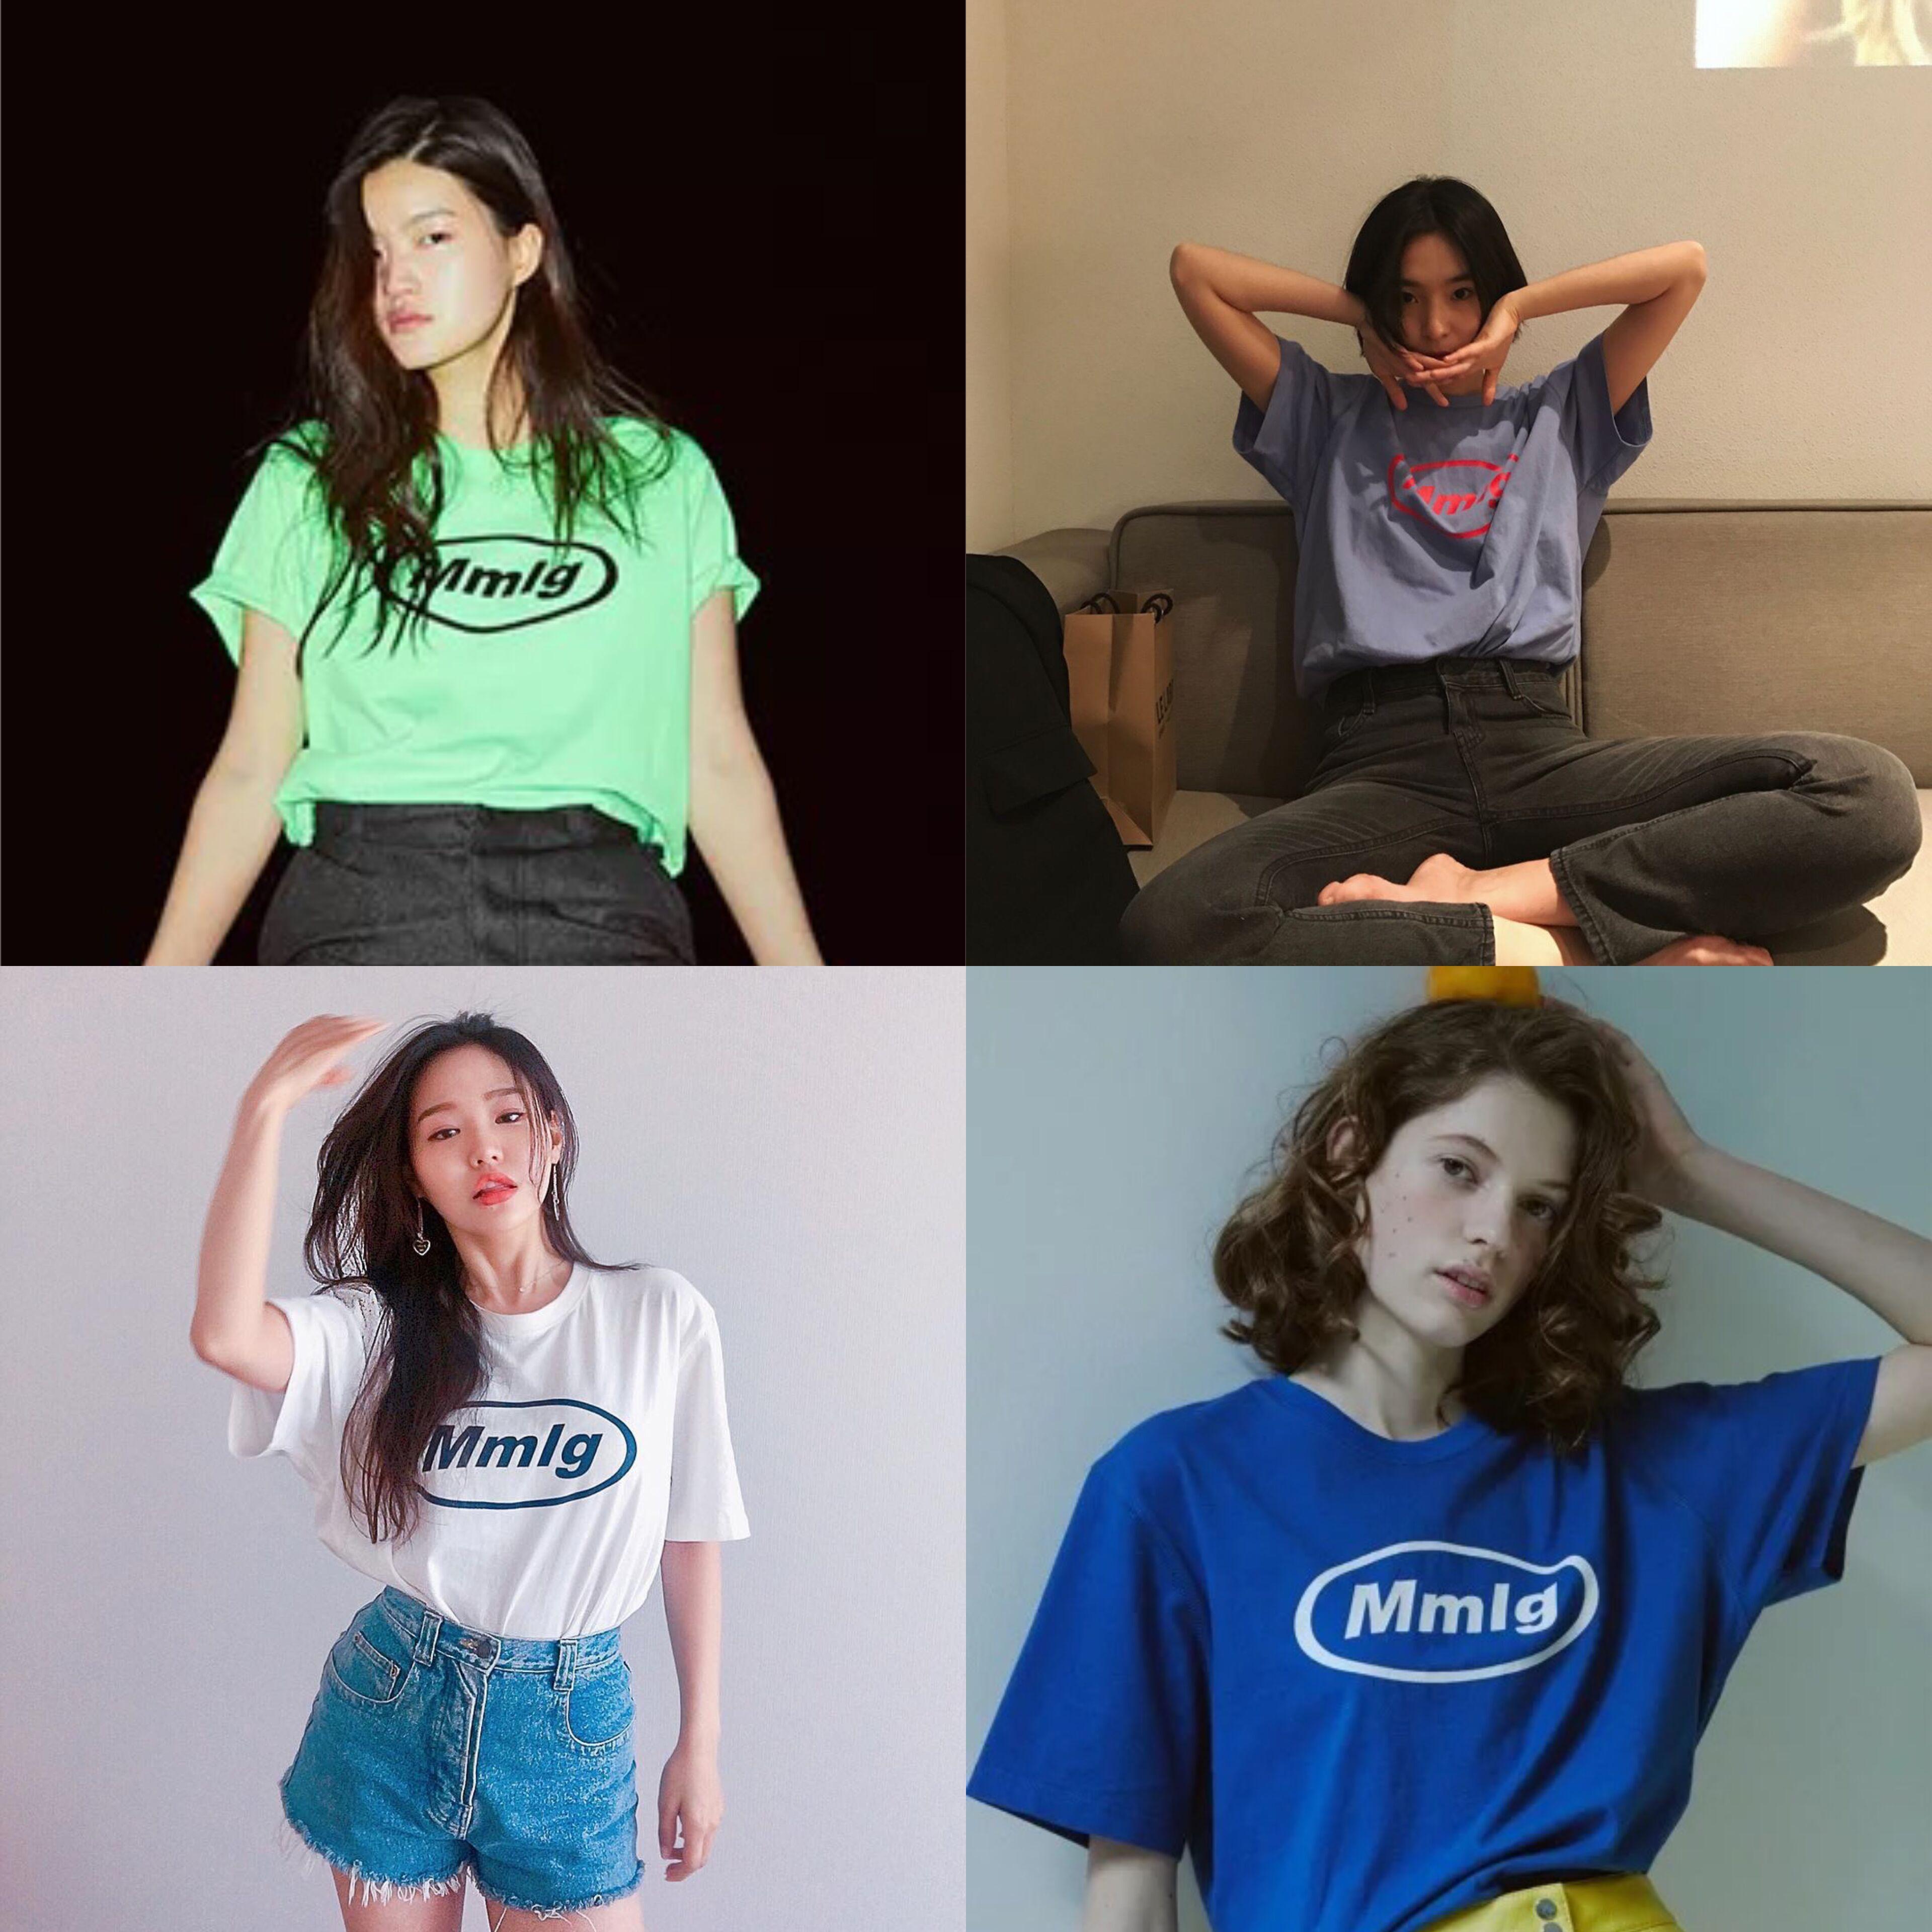 2018夏季新款韩国87MM Mmlg短袖字母印花T恤衫女圆领纯棉宽松情侣